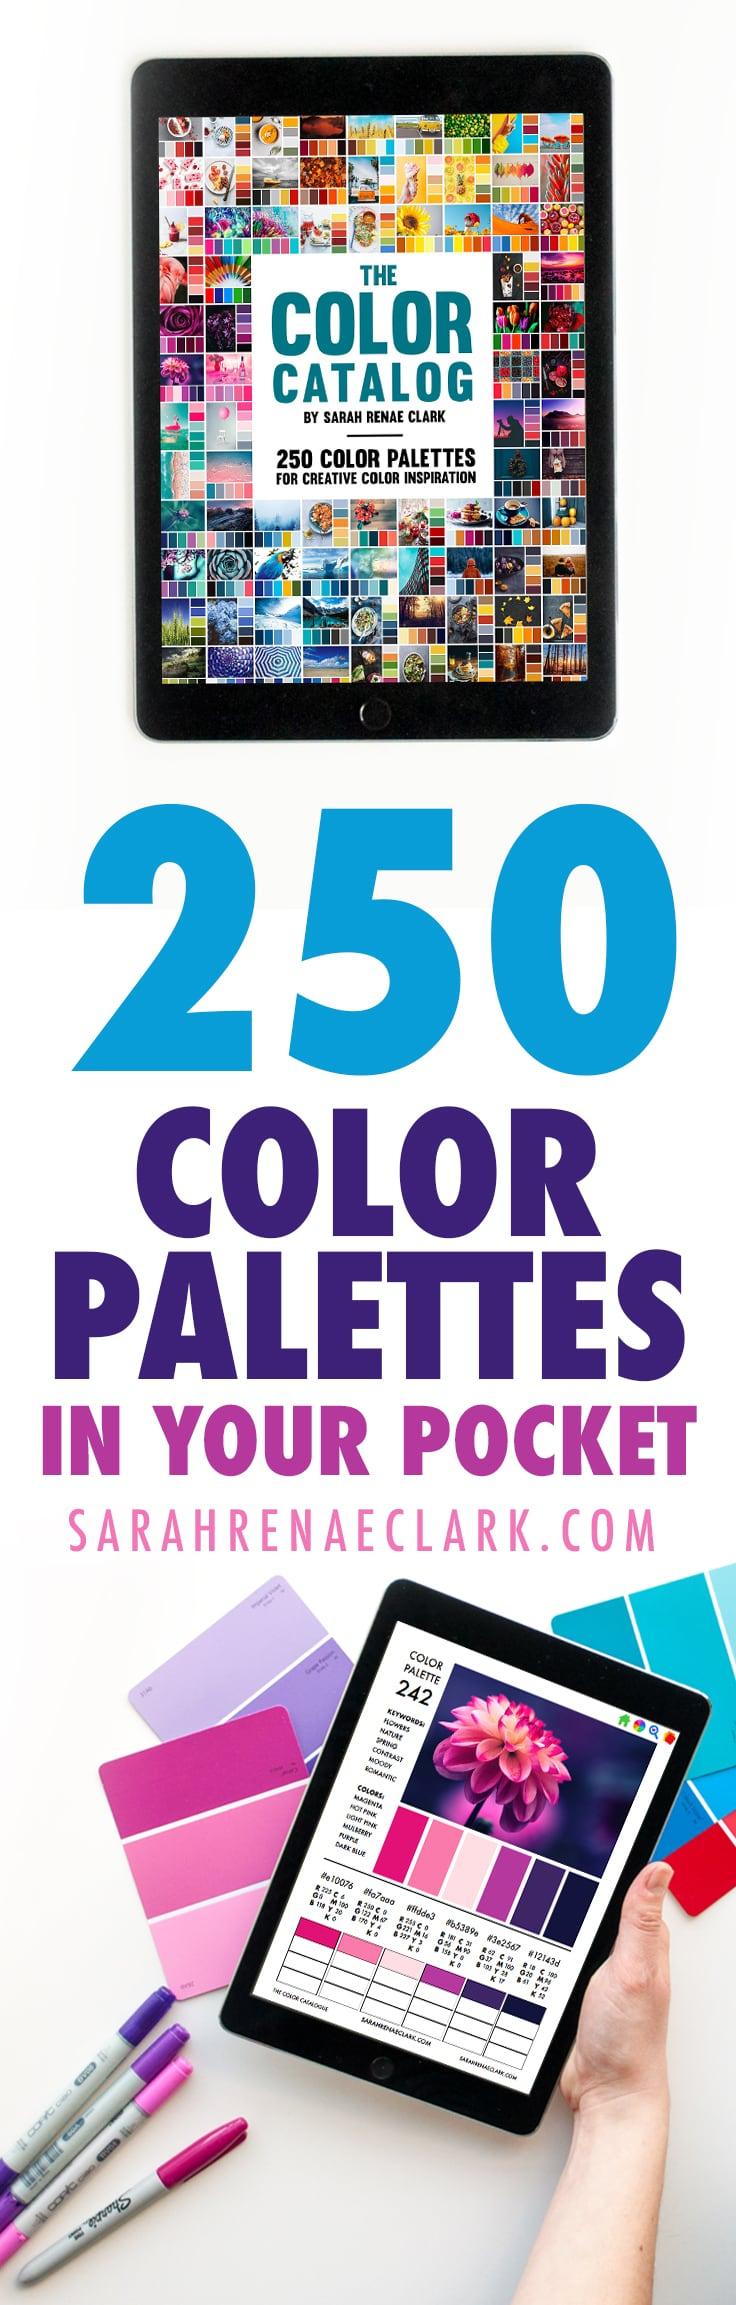 250 Color Palettes – The Color Catalog